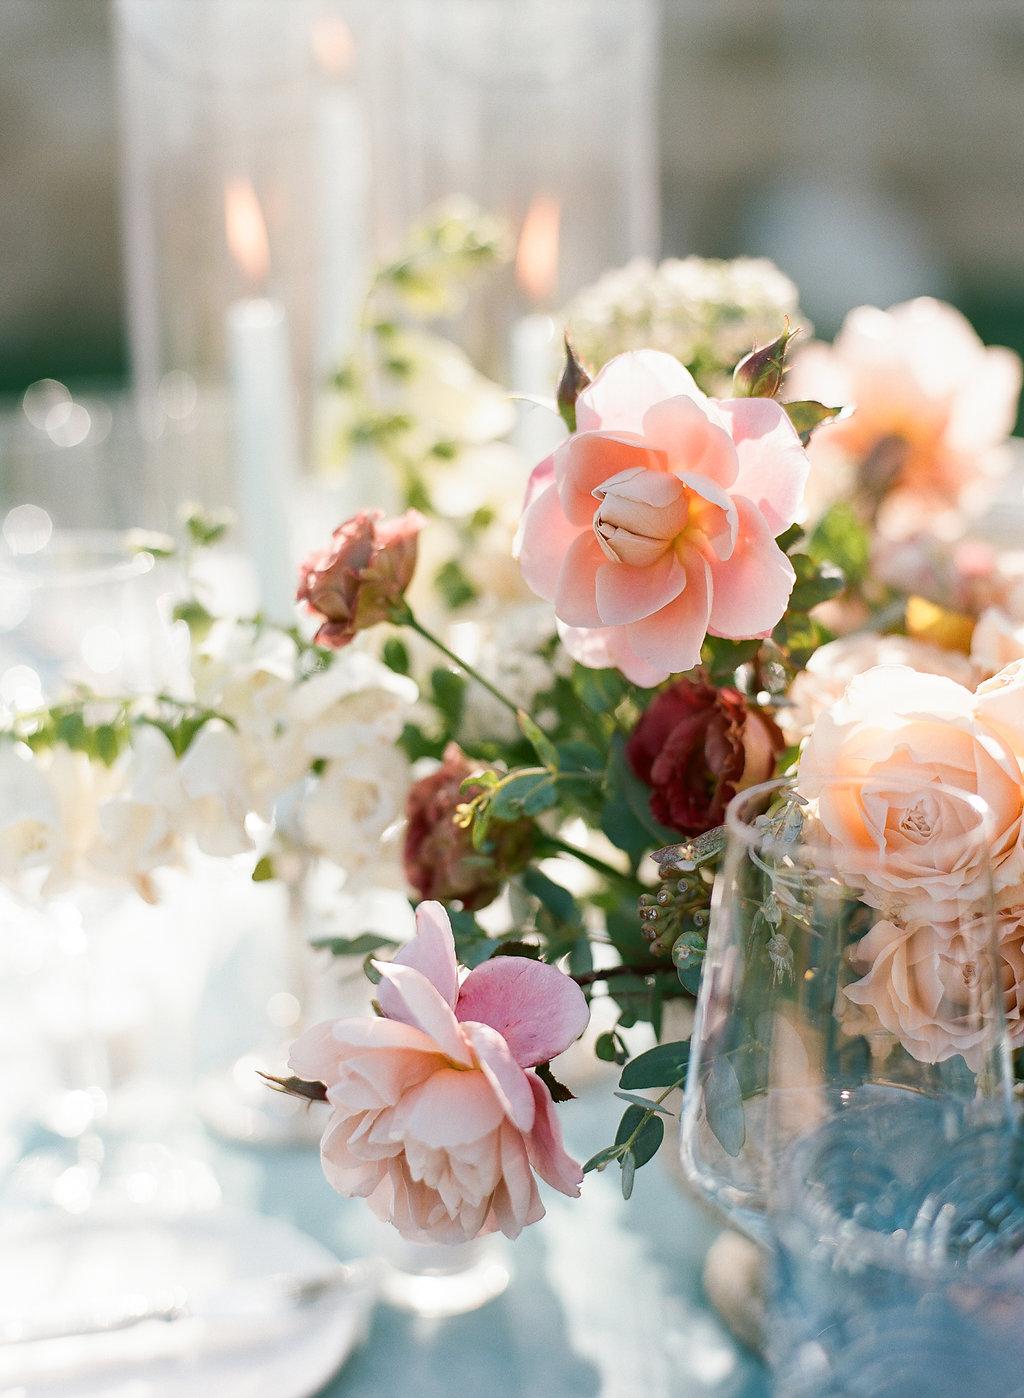 Wedding and Banquet Flower Arrangements   www.michellebeller.com    http://www.xoxobride.com